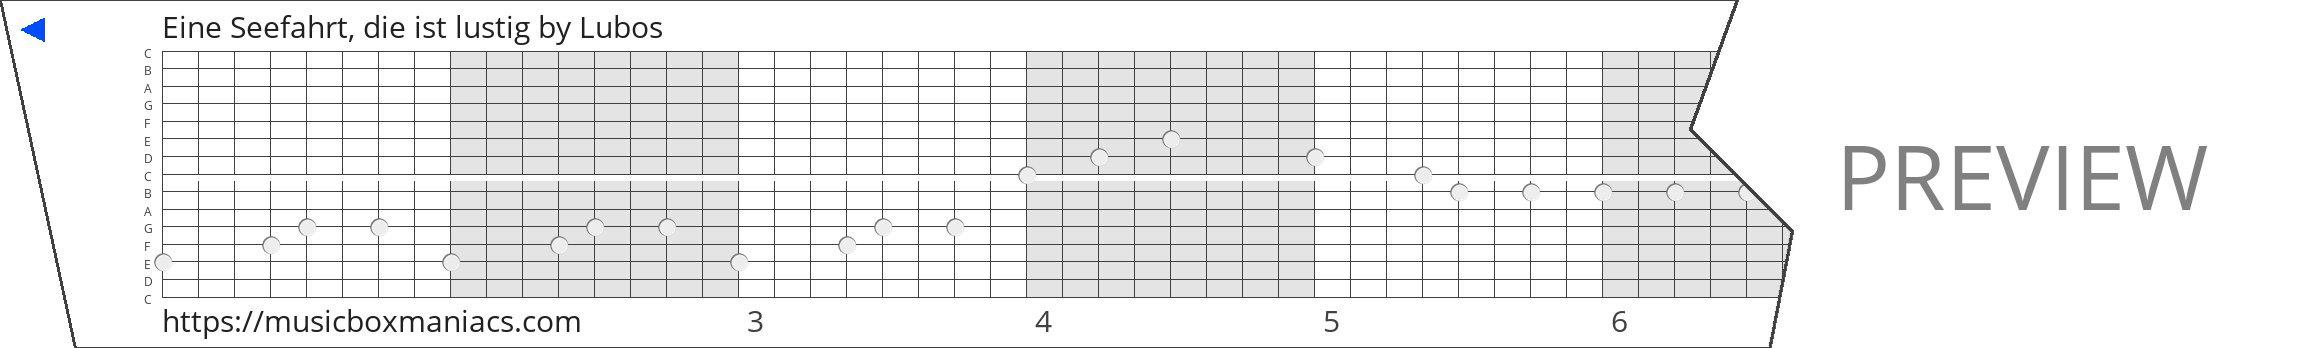 Eine Seefahrt, die ist lustig 15 note music box paper strip